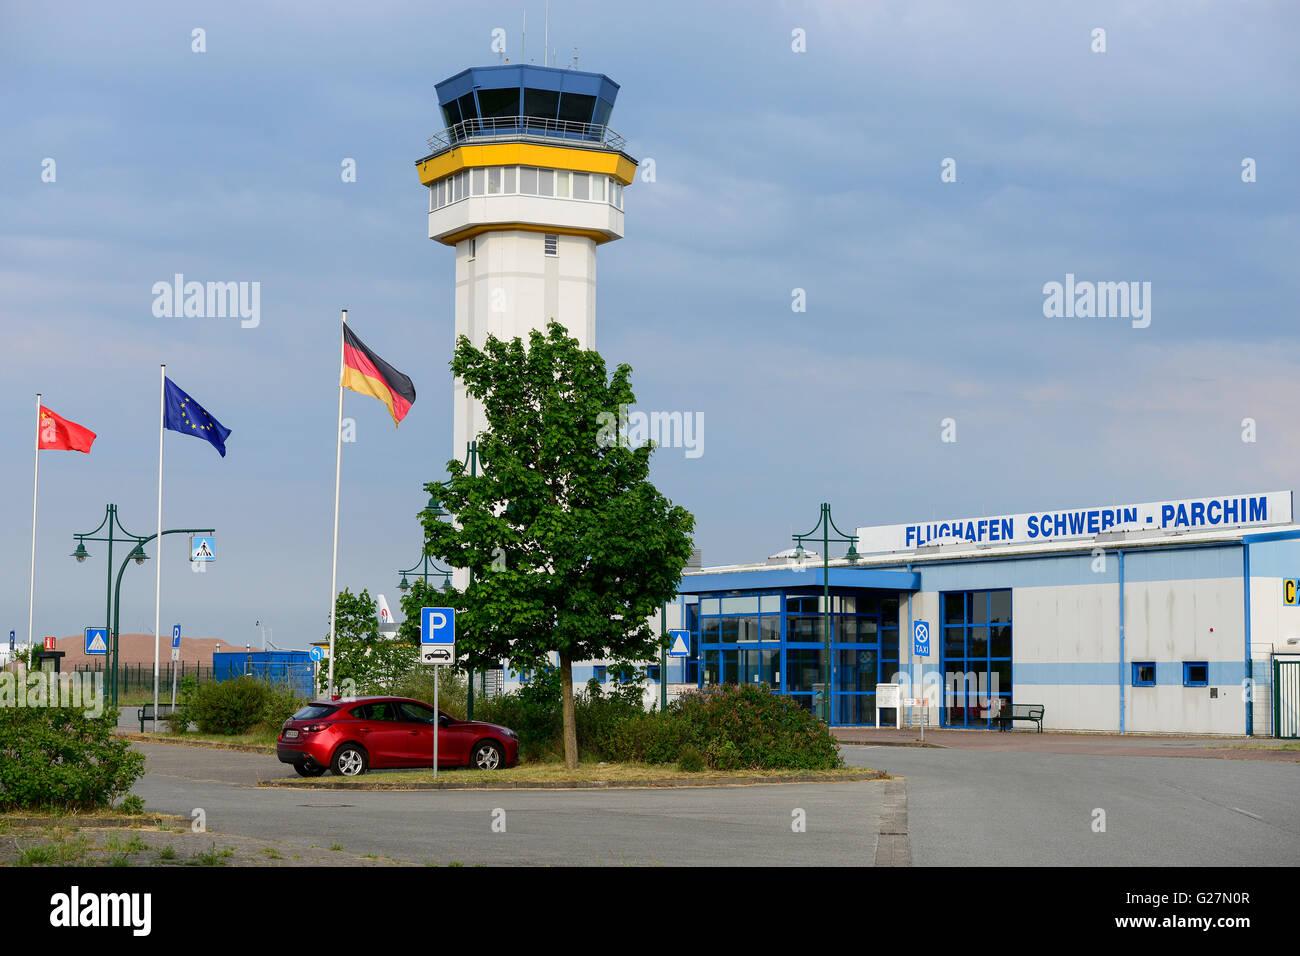 Flughafen Schwerin